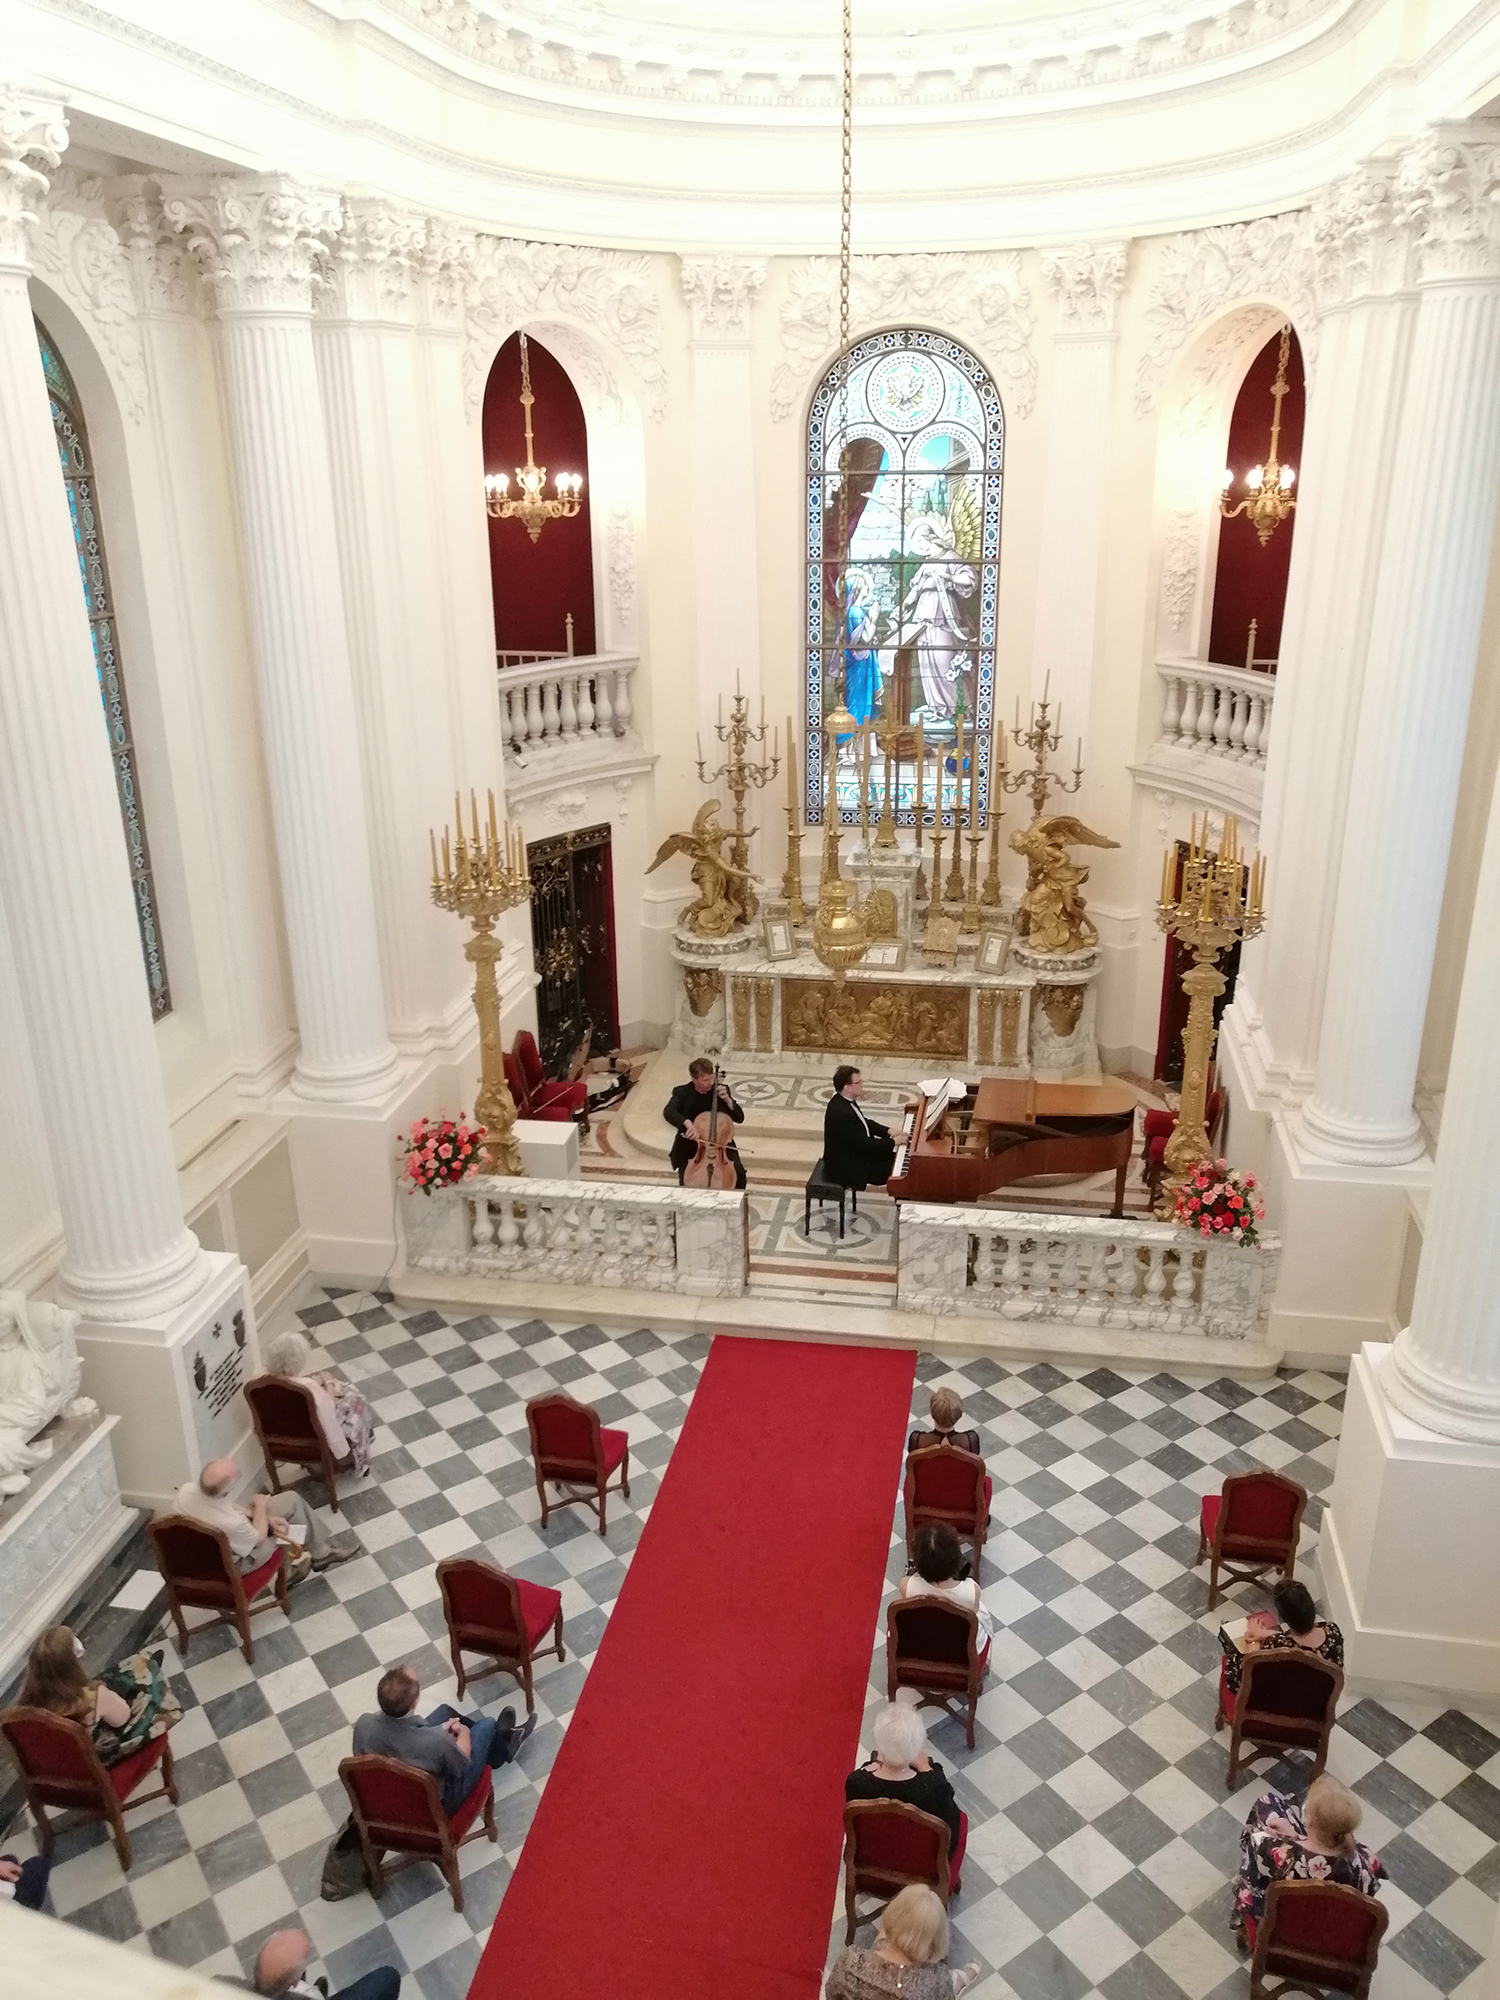 Widok z góry na kaplicę. Przy ołtarzu muzycy grający na instrumentach. Słuchacze siedzą na krzesłach ustawionych w dużej odległości od siebie.